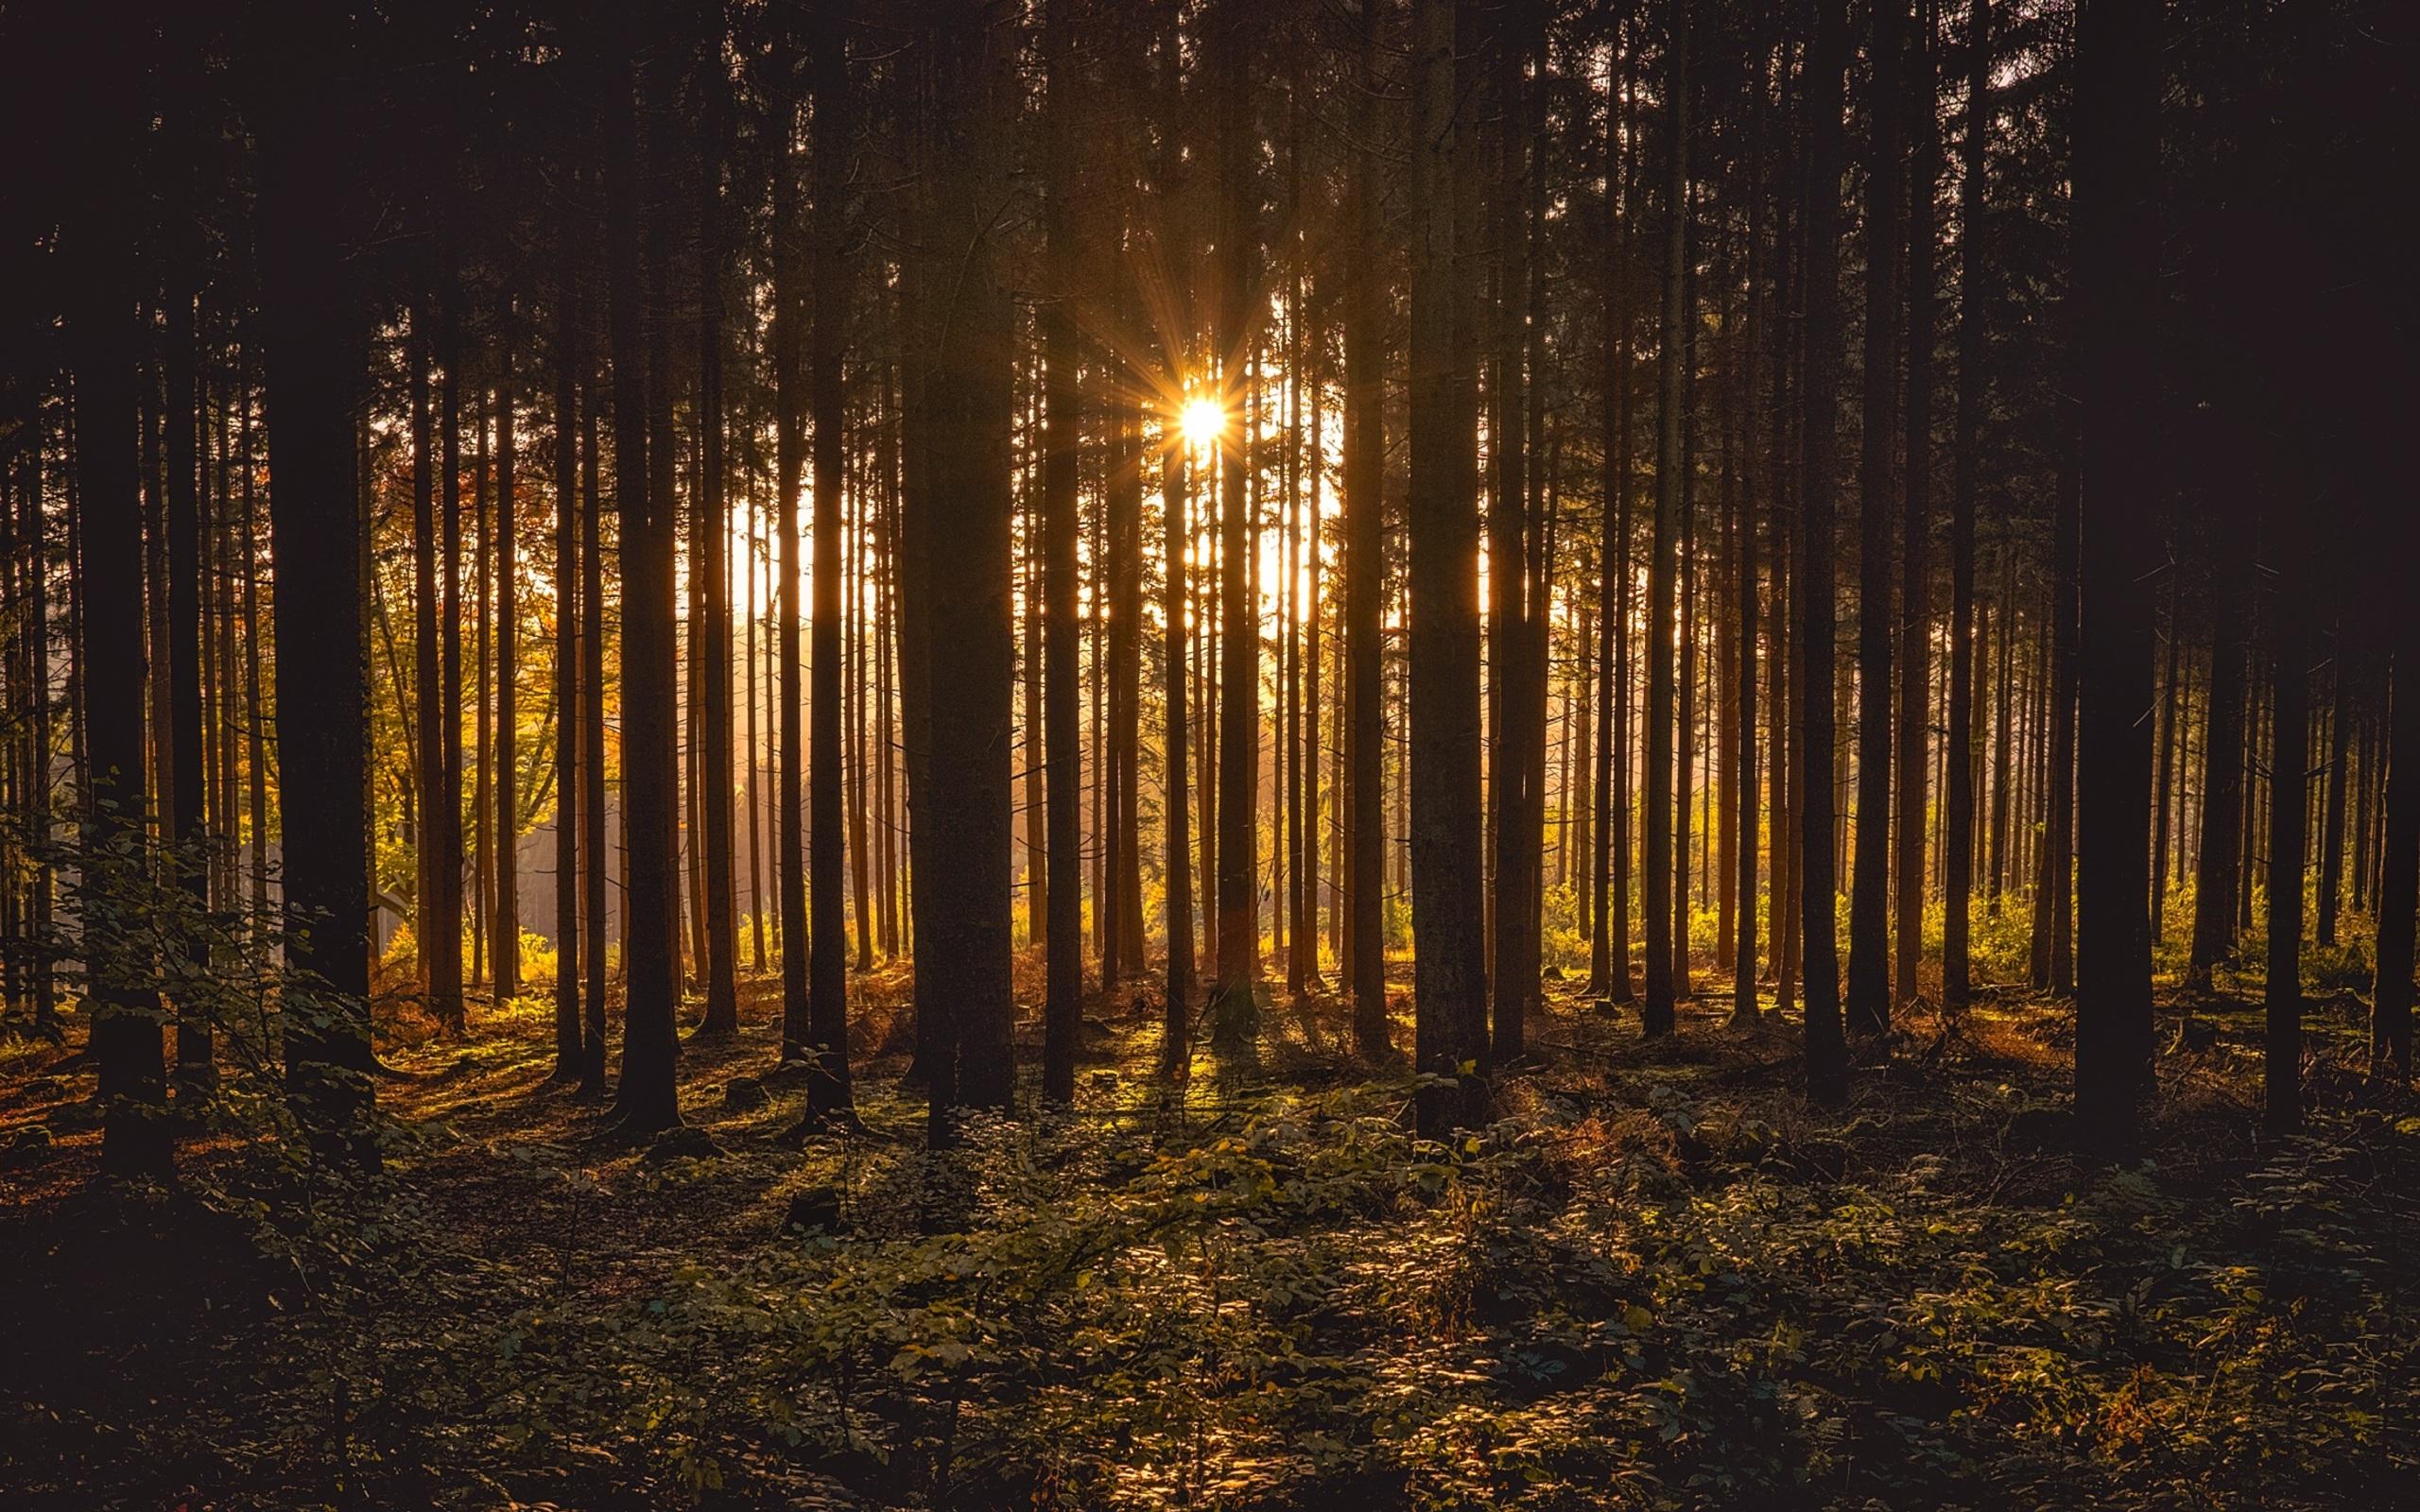 sunbeams-between-forest-trees-av.jpg